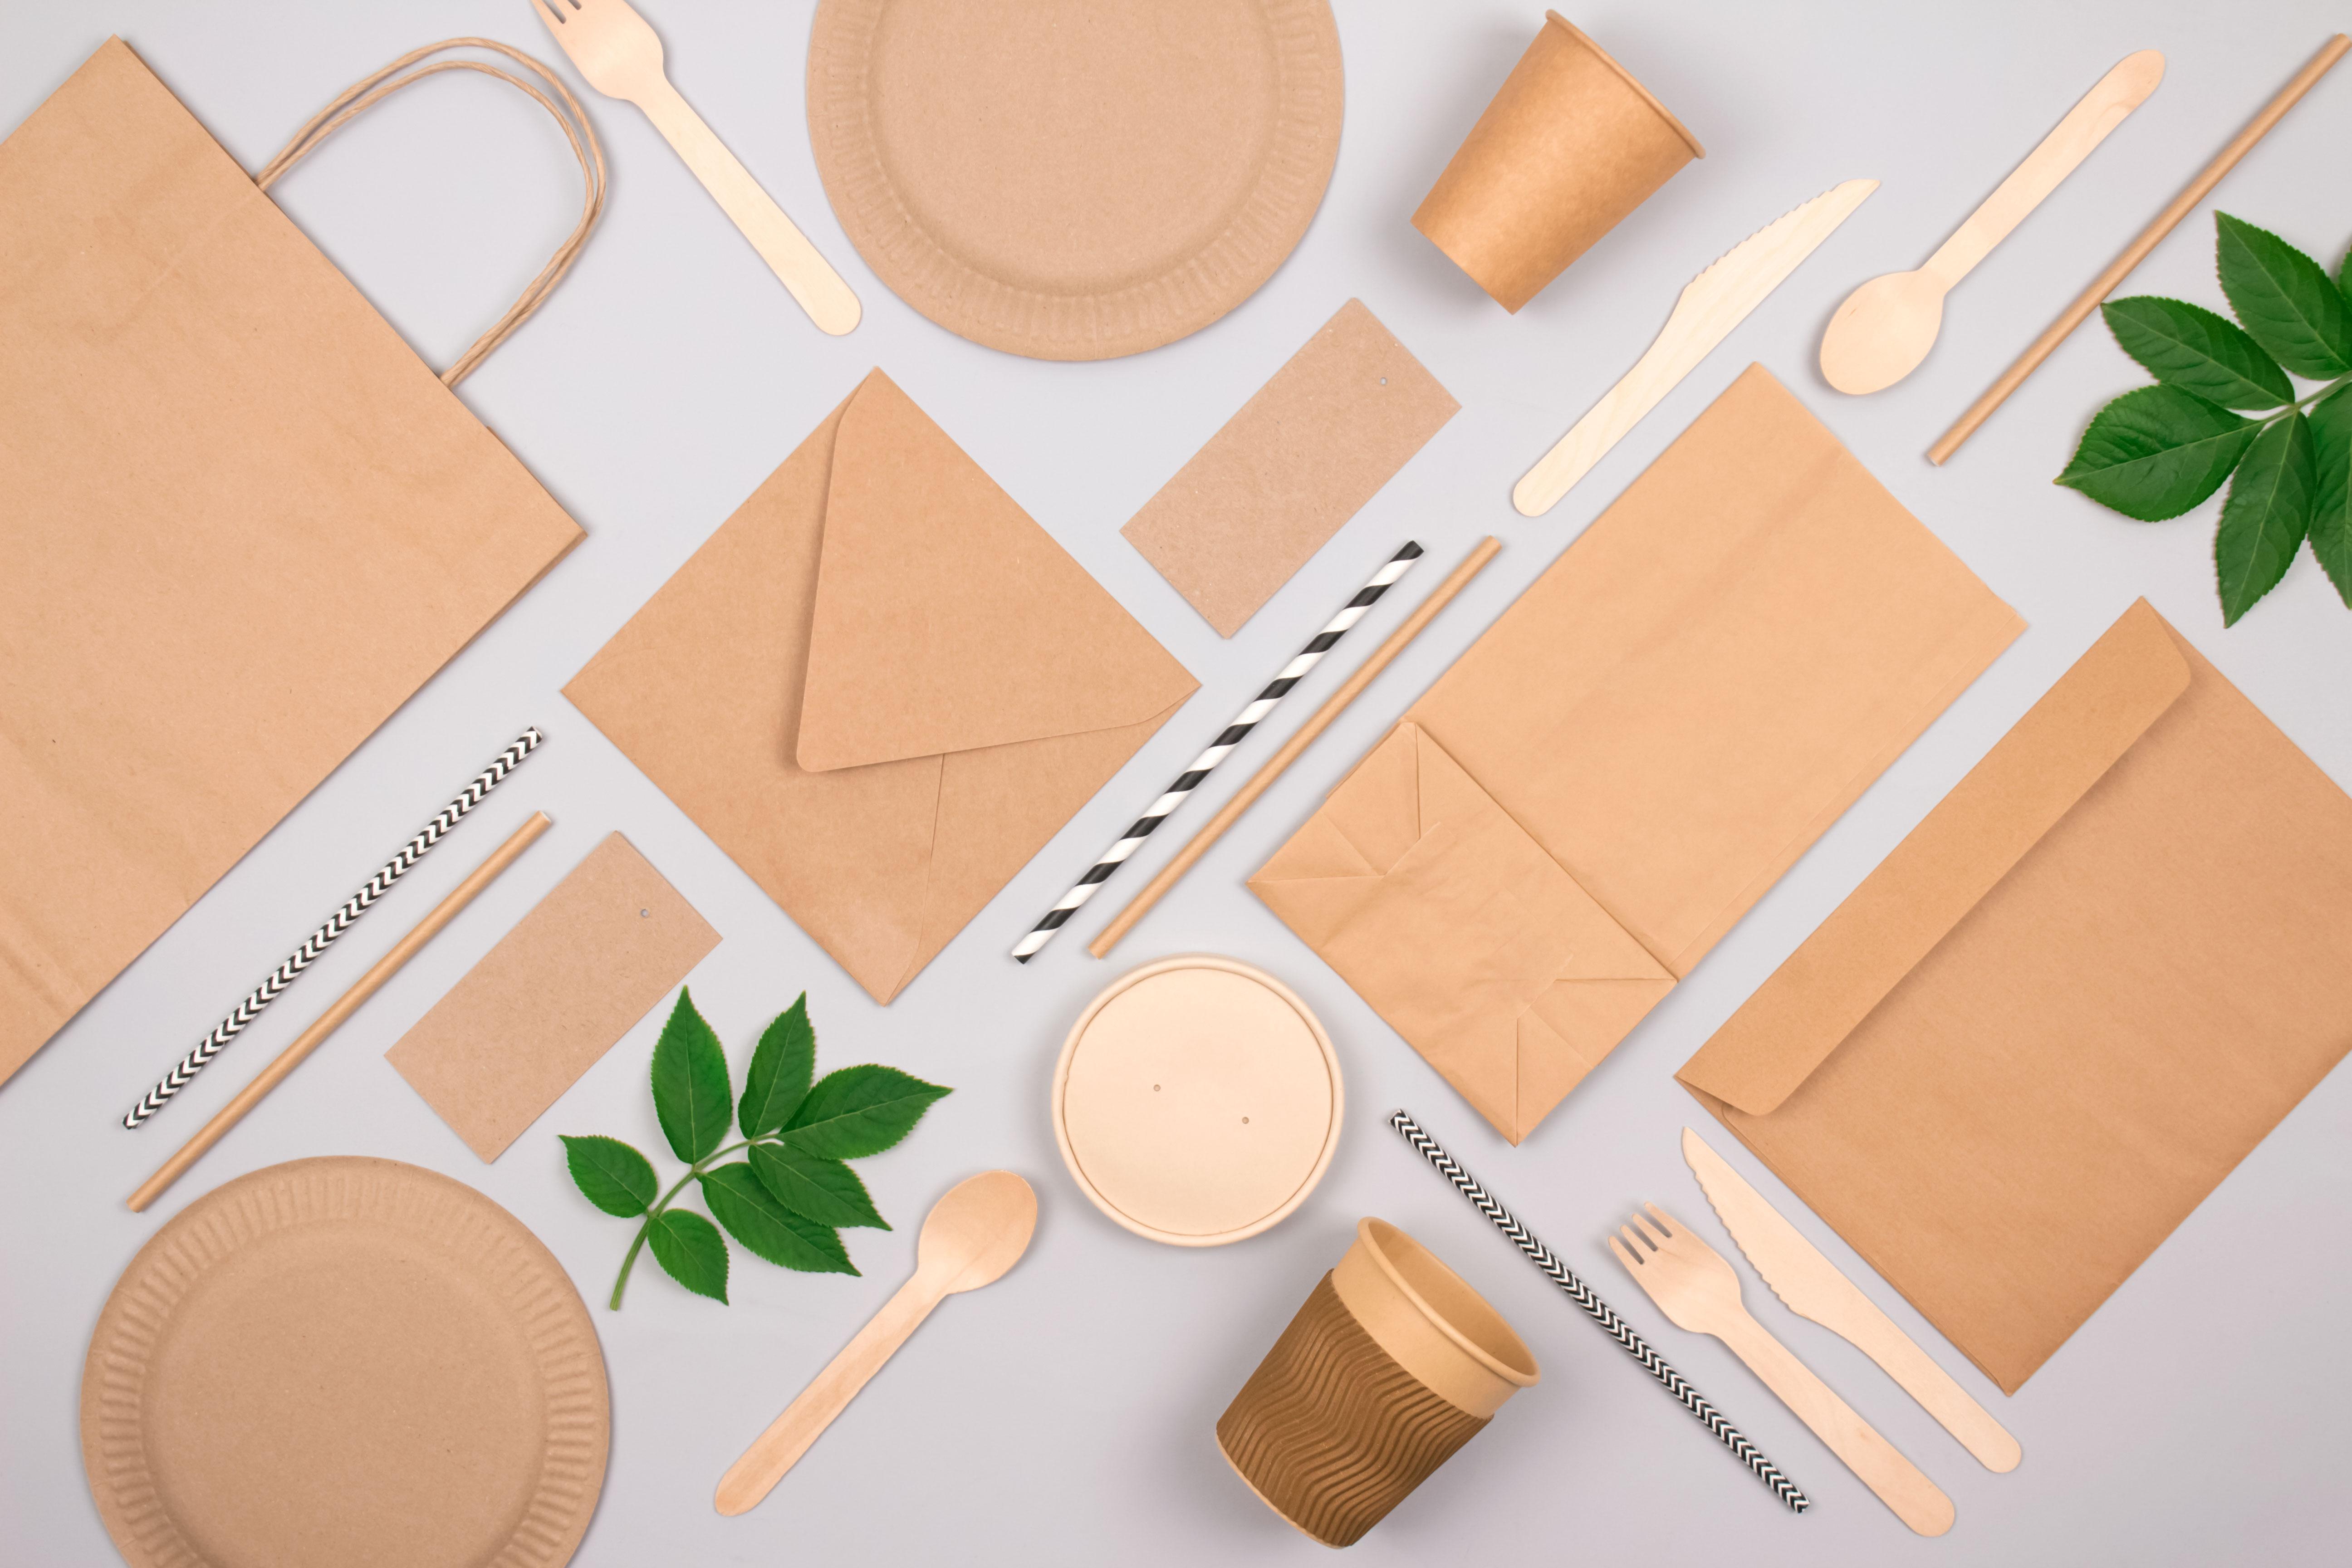 Kemasan produk ramah lingkungan dan berkelanjutan